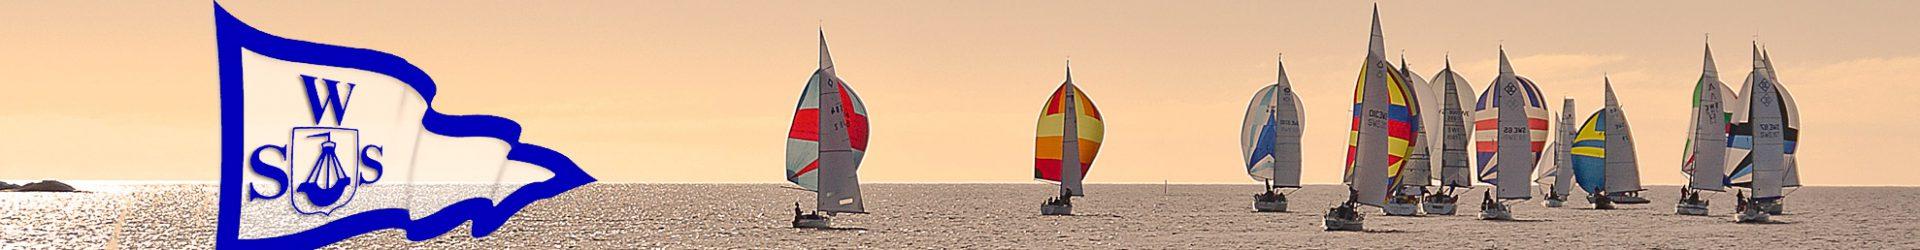 Westerviks segelsällskap